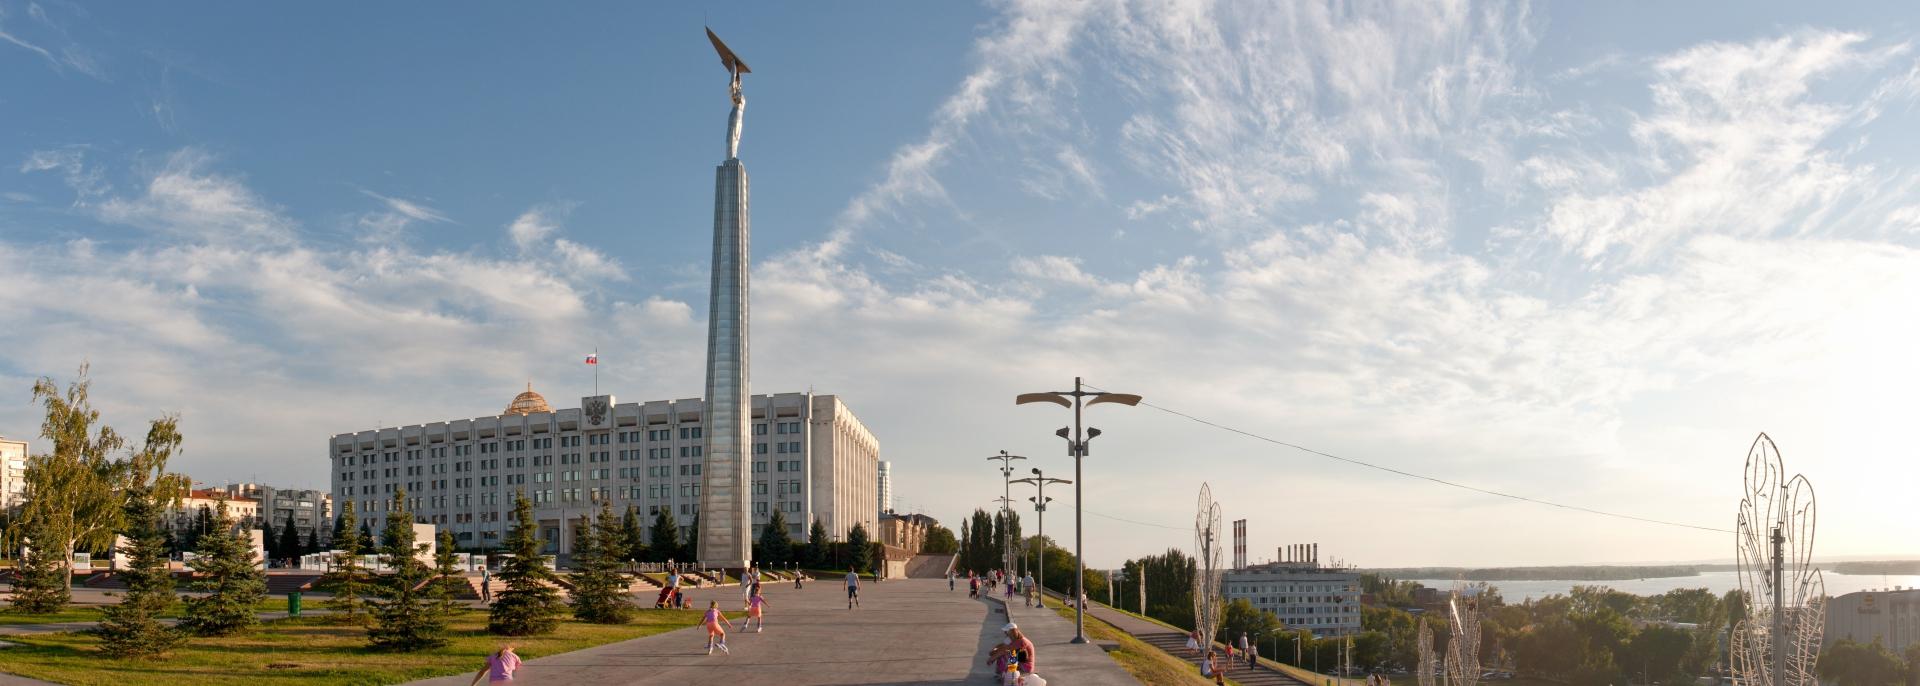 Minzdrav-Samara-e1428571867687